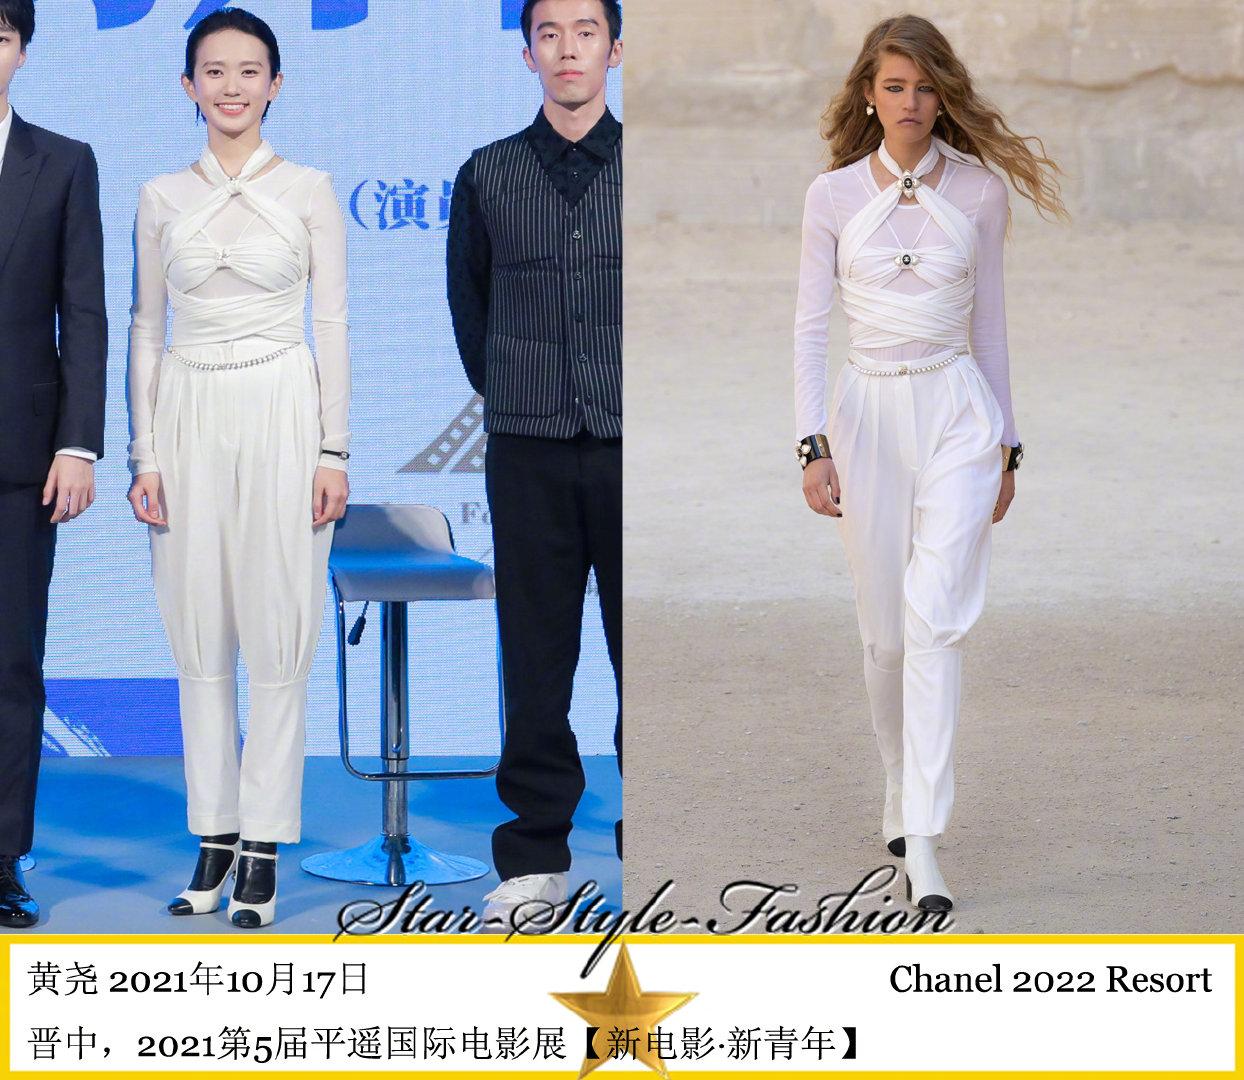 黄尧身着chanel2022早春系列白色捆扎式裤装亮相